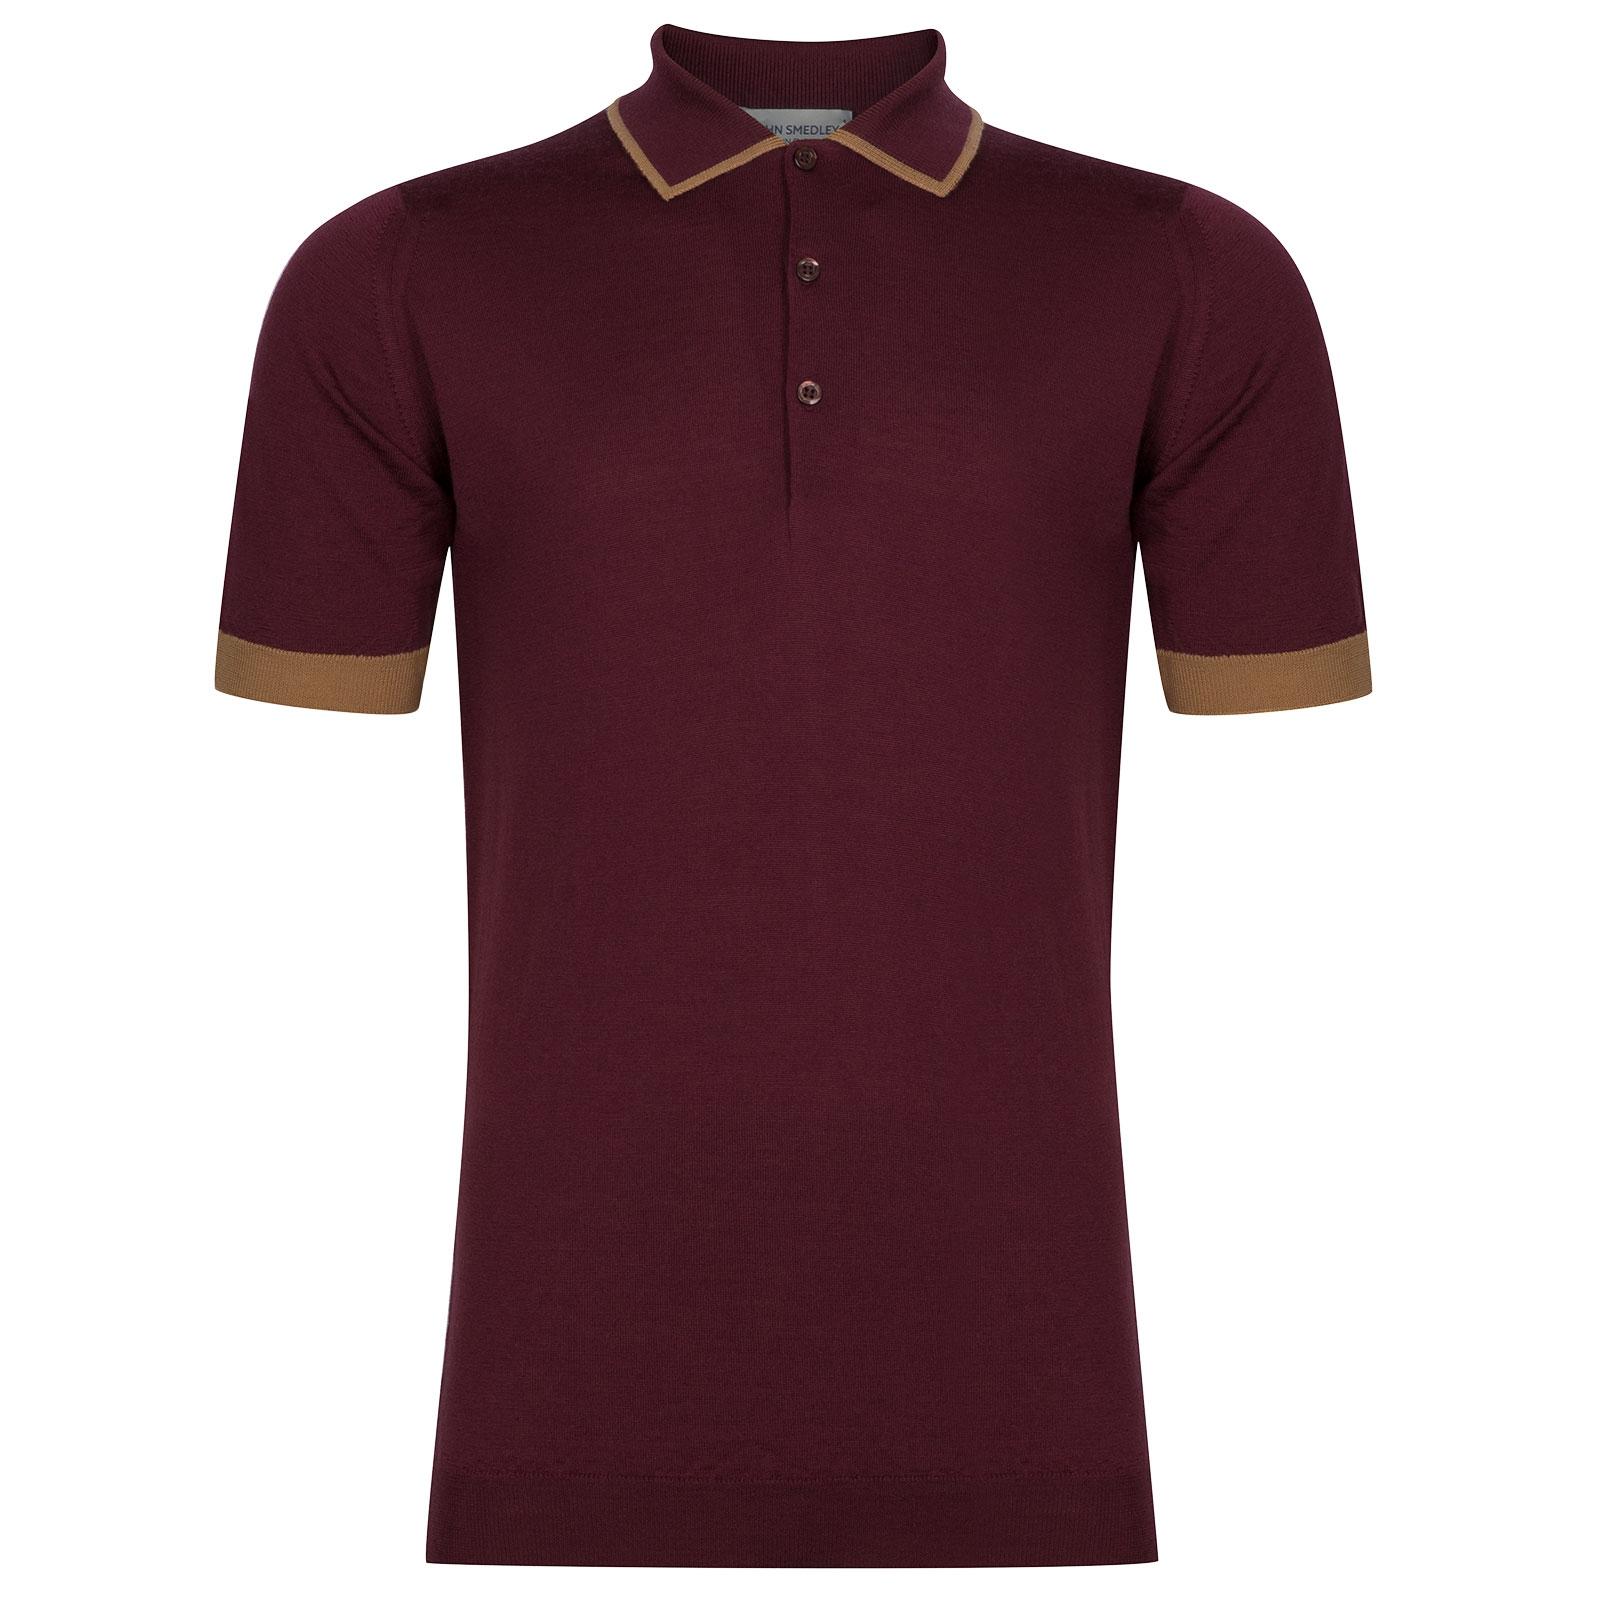 John Smedley Nailsea Extra Fine Merino Shirt in Bordeaux-L